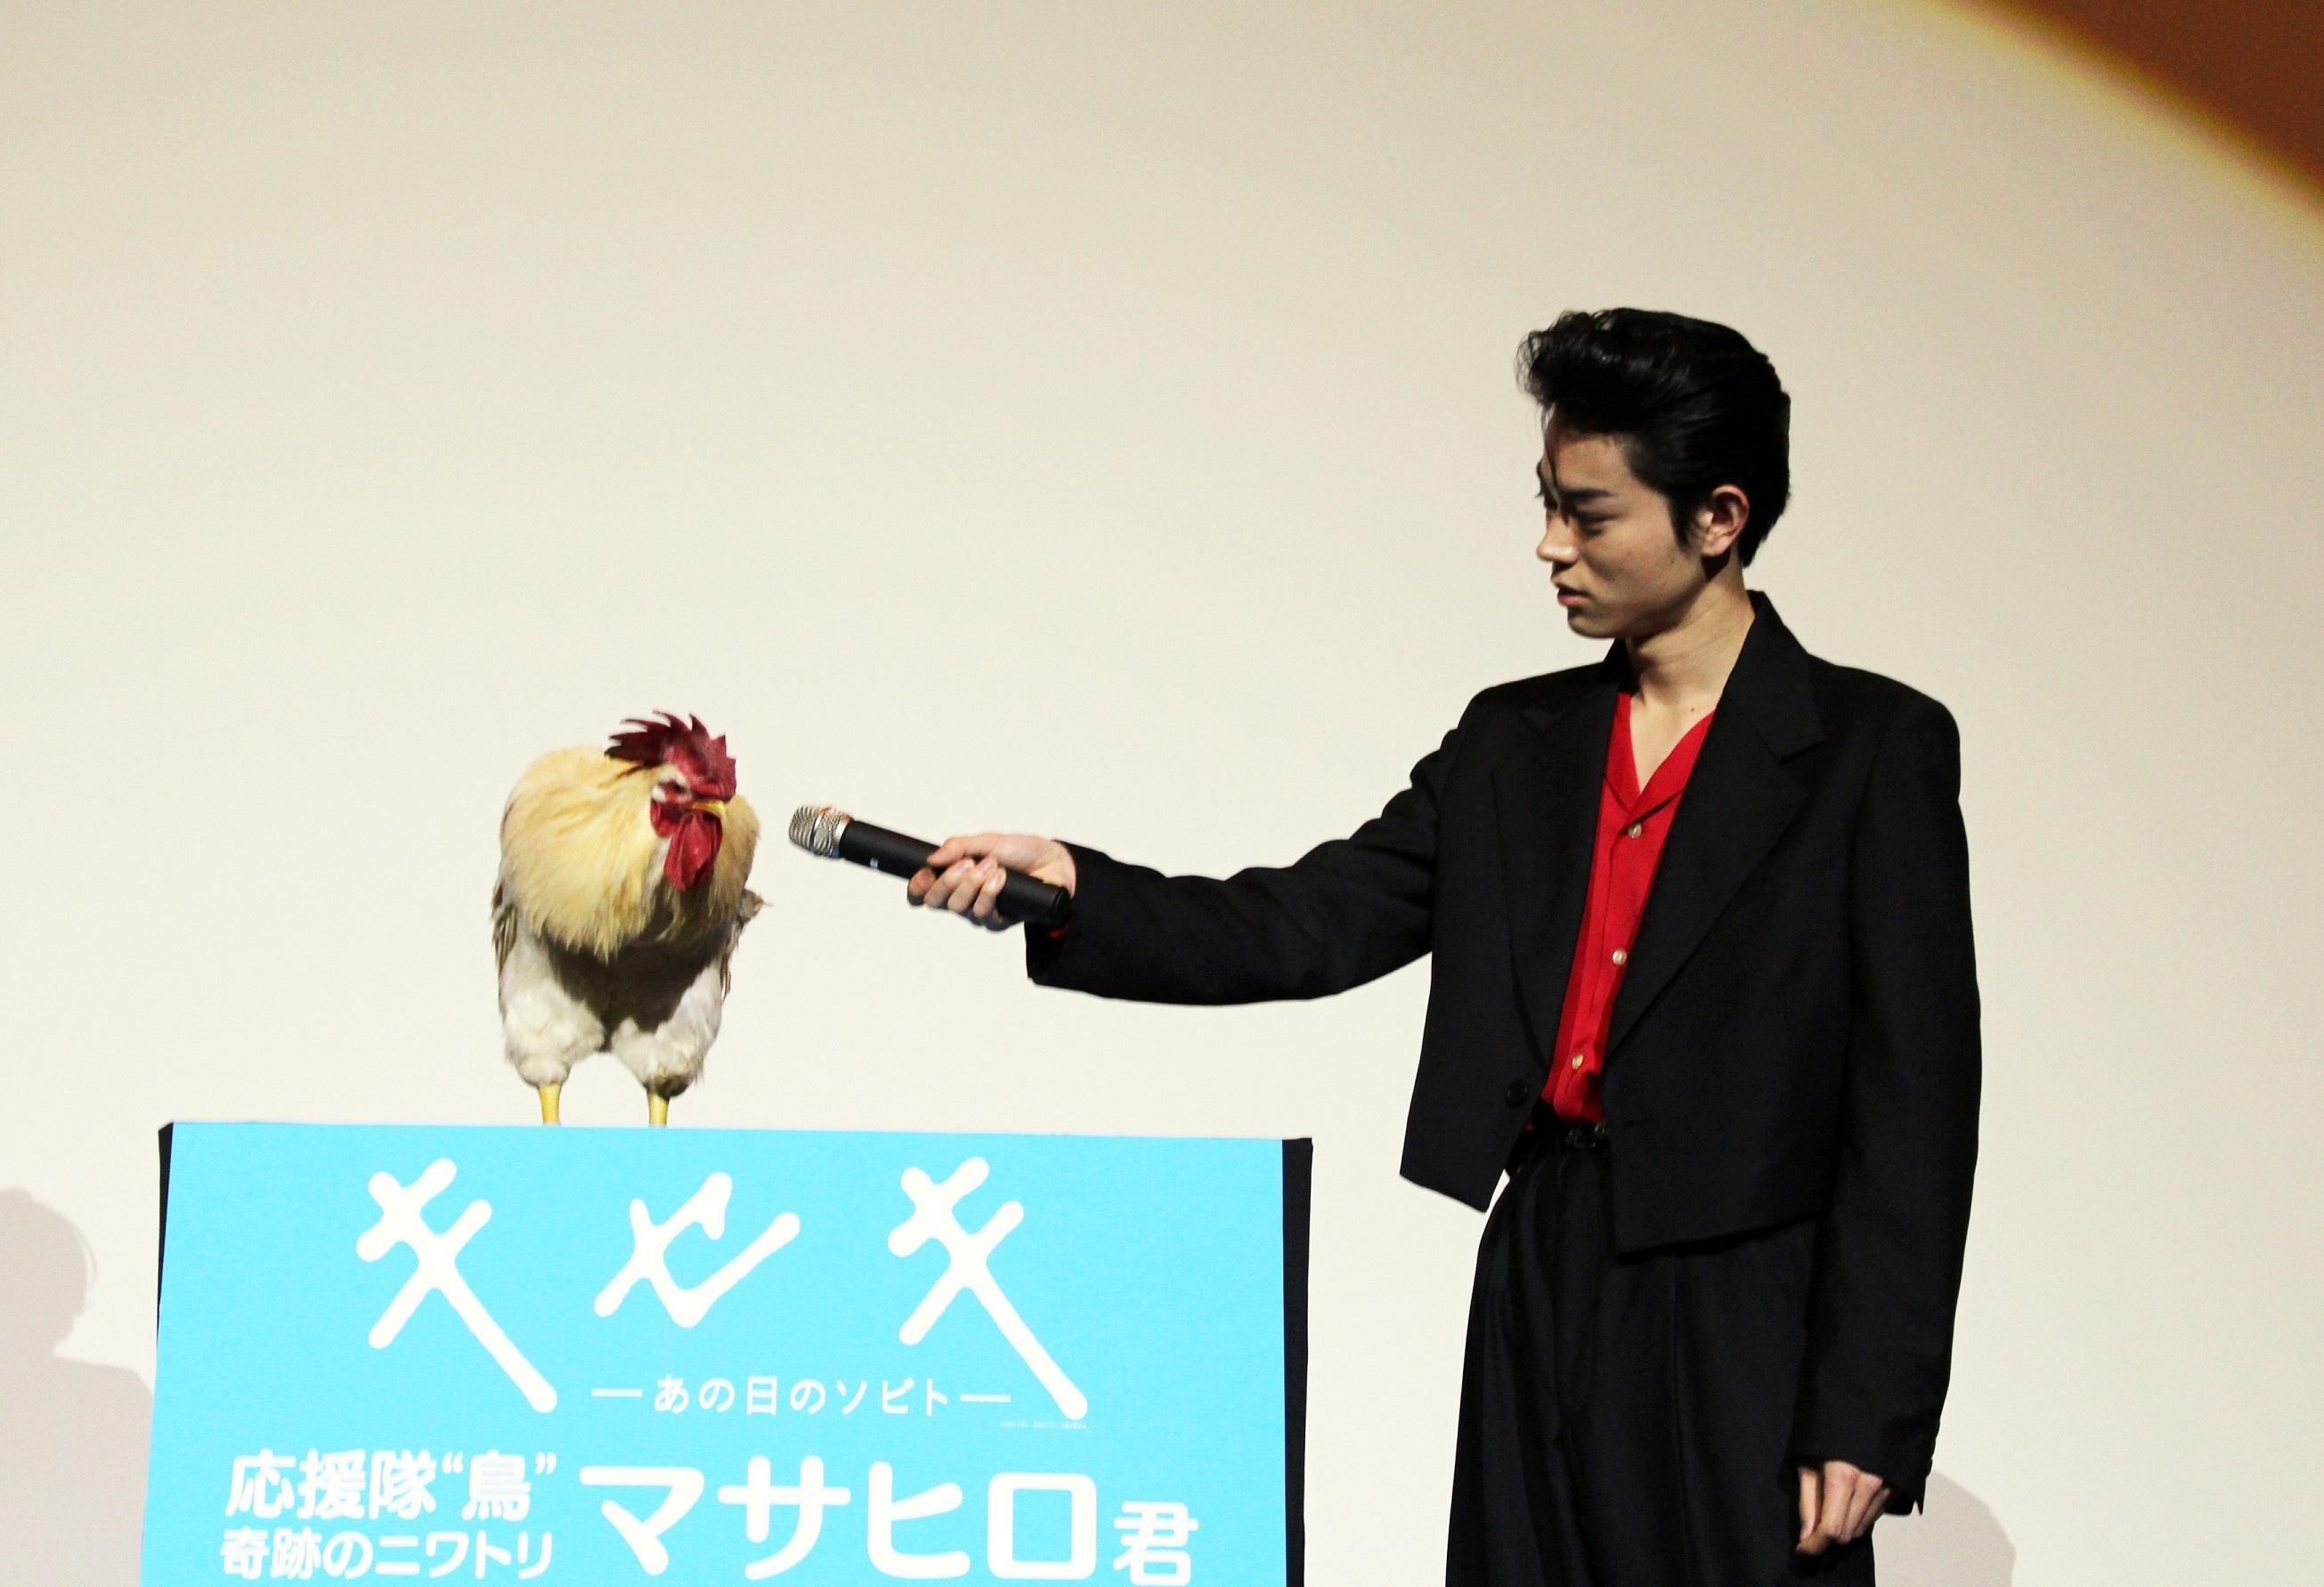 左から、マサヒロくん、菅田将暉